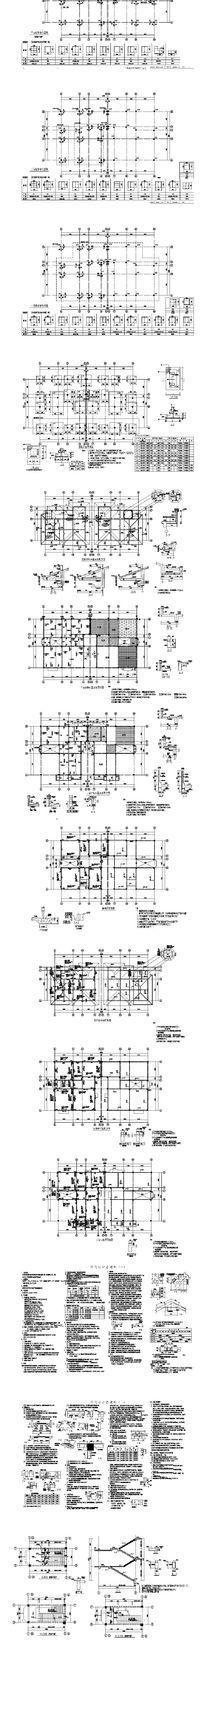 结构框架配筋图 dwg